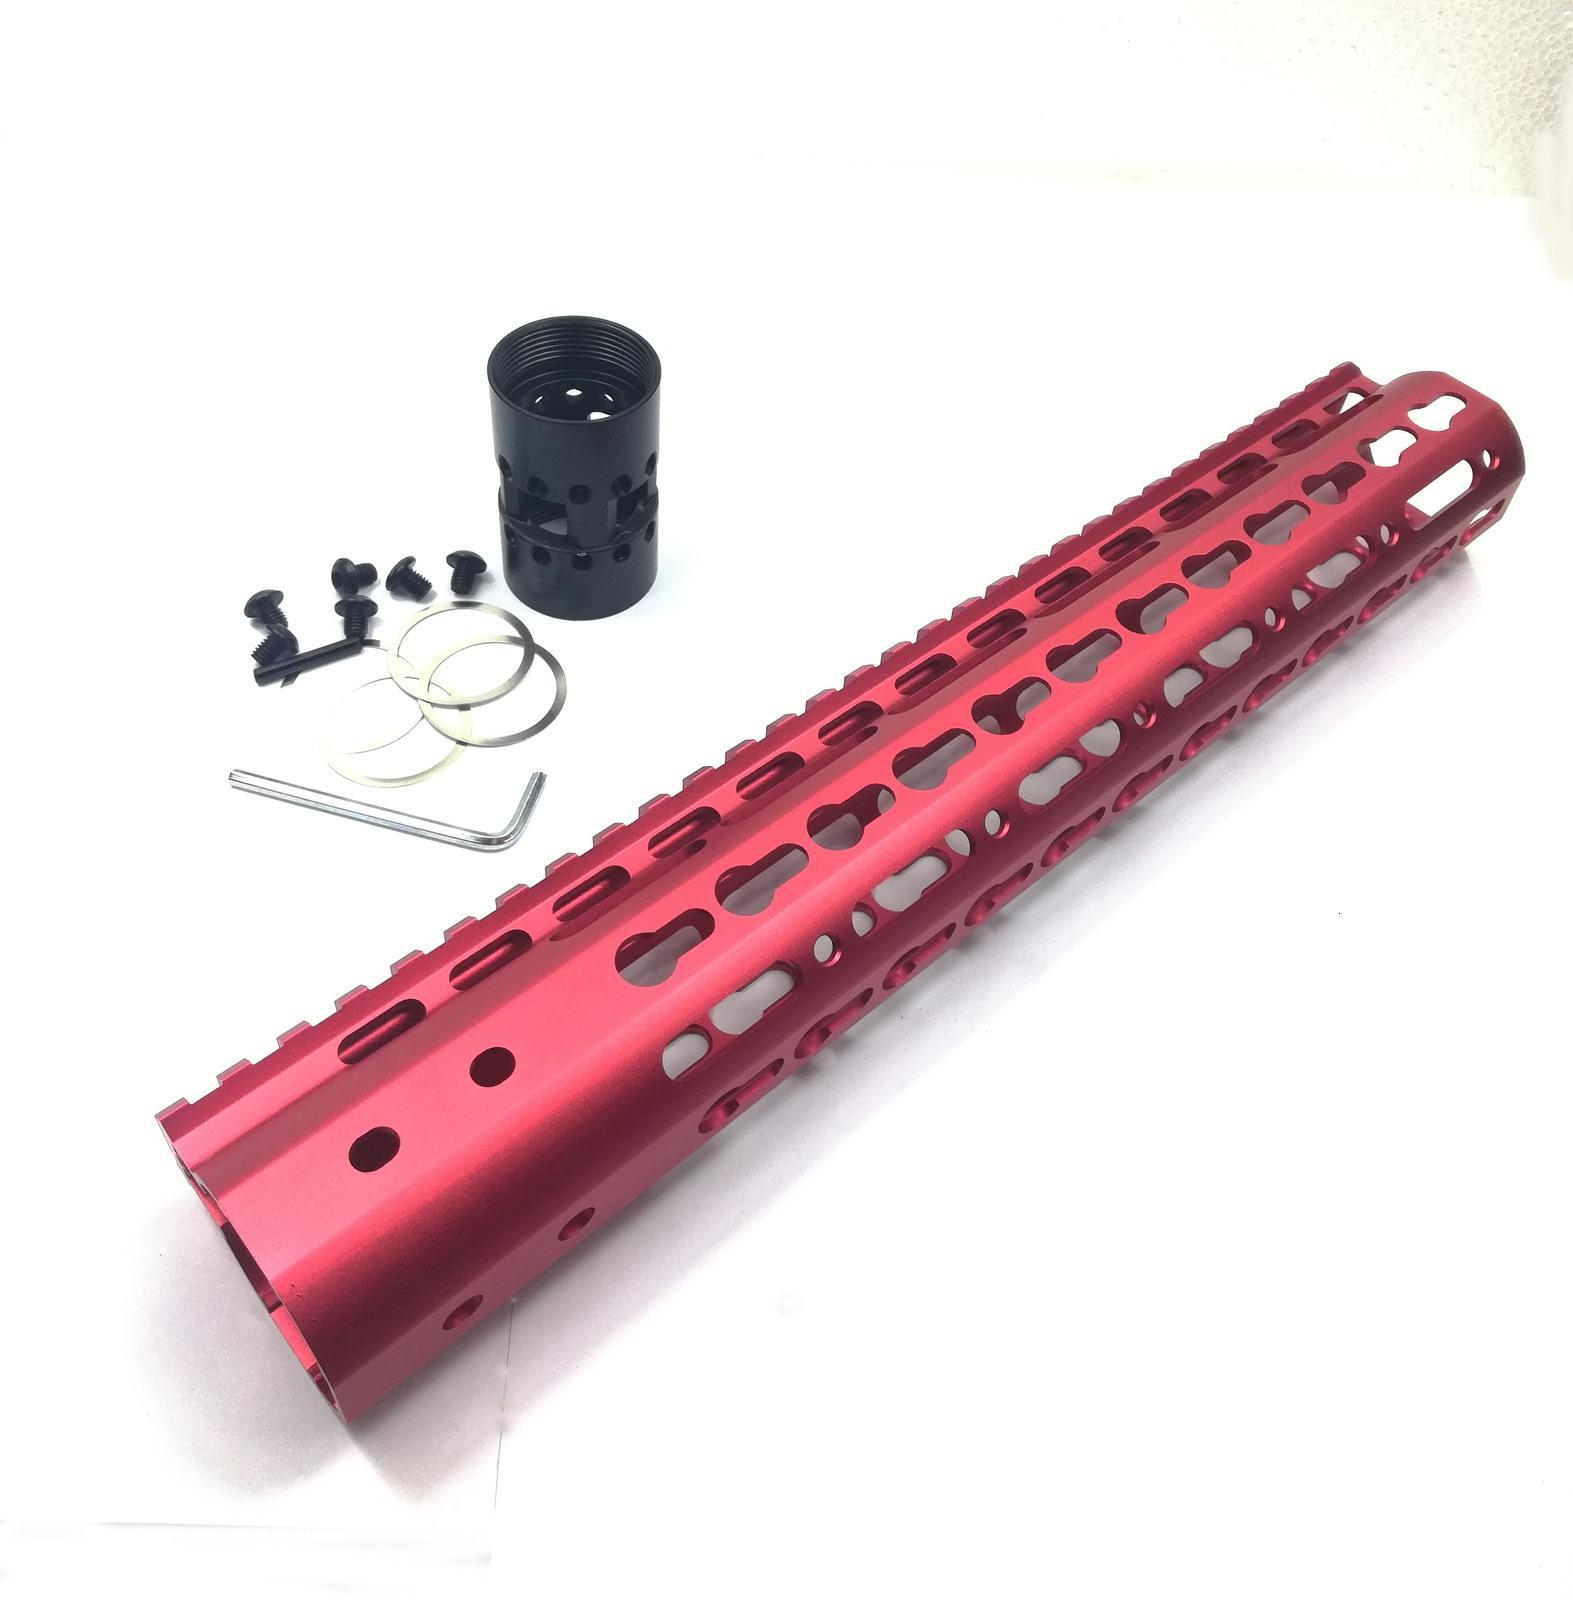 Guardia de 12 pulgadas Keymod con tuerca de barril de acero de riel superior monolítico